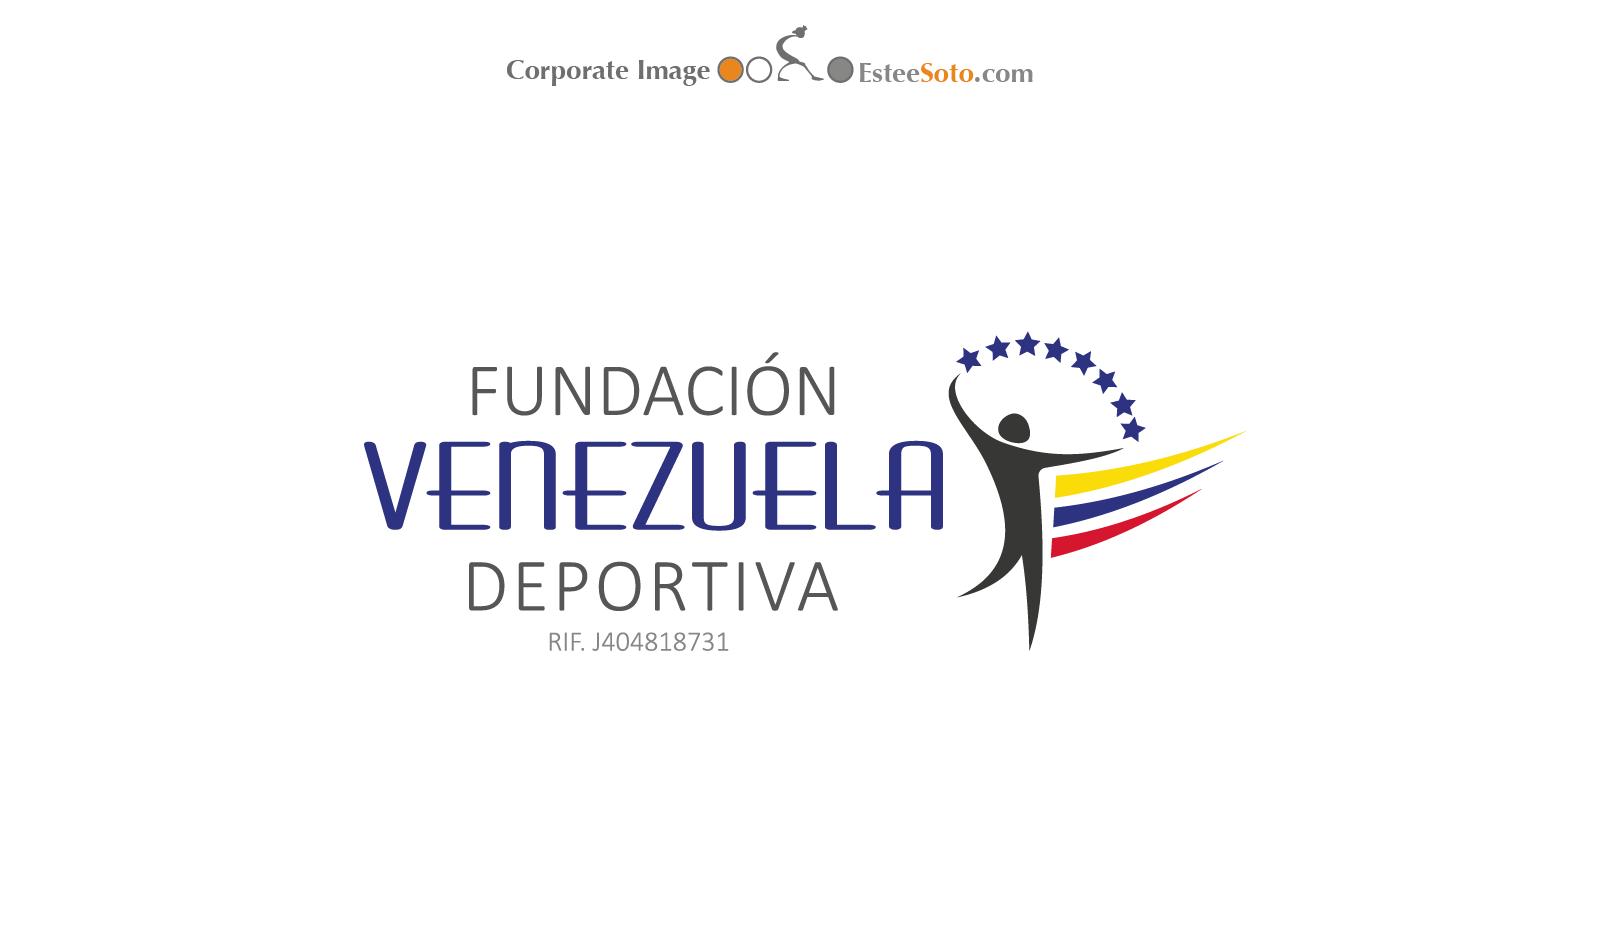 Corporate Image F. Vzla Deportiva